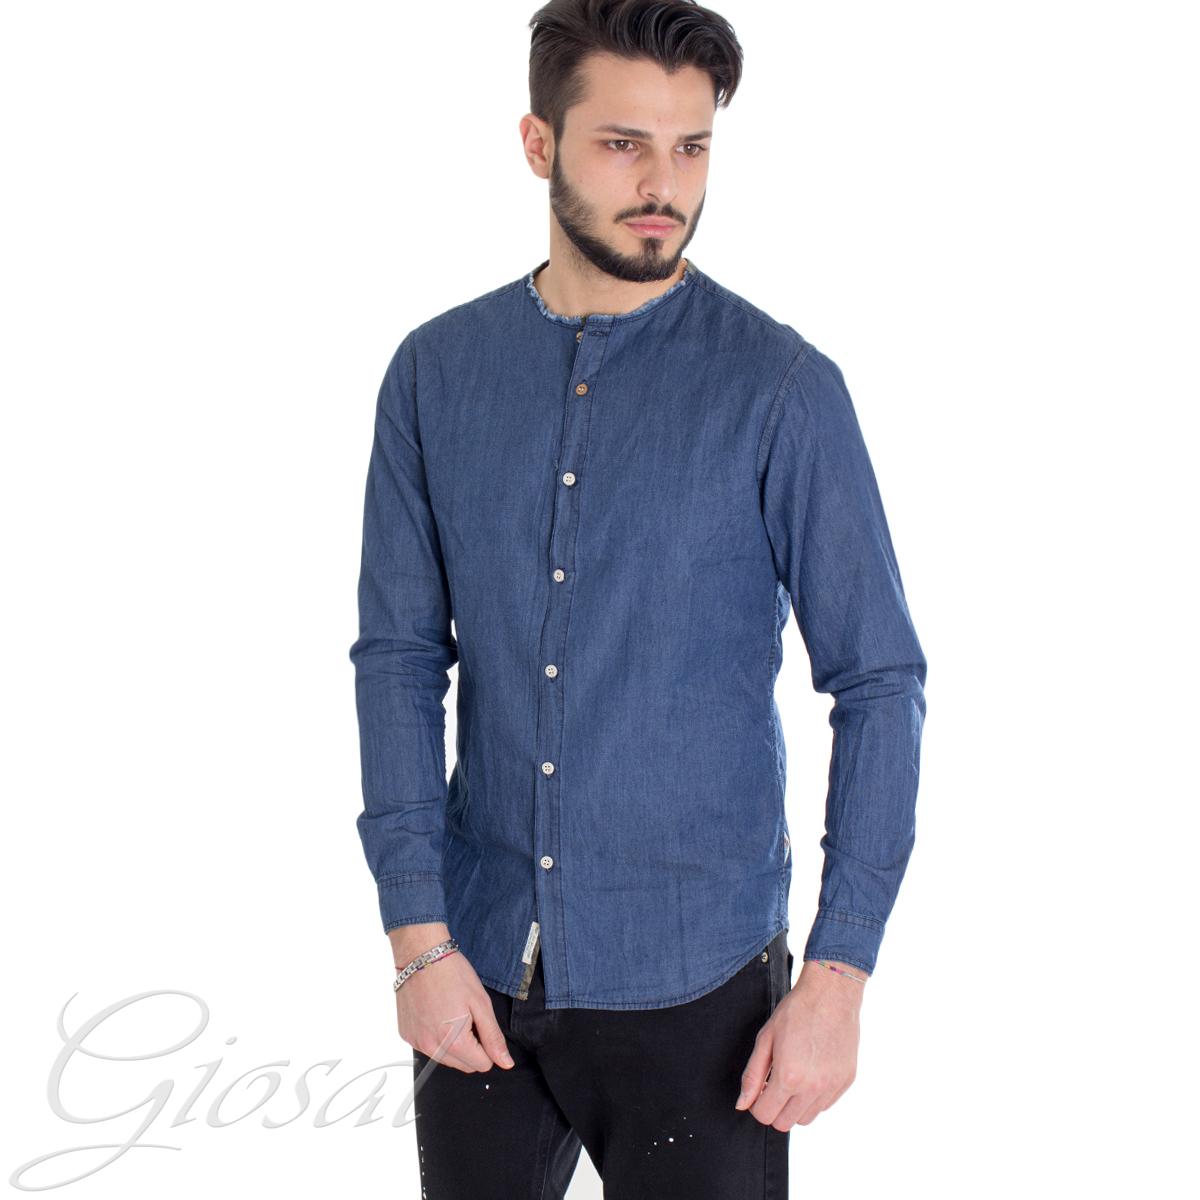 Camicia-Uomo-Jeans-Denim-Collo-Coreano-Sfrangiato-Primaverile-Casual-GIOSAL miniatura 2